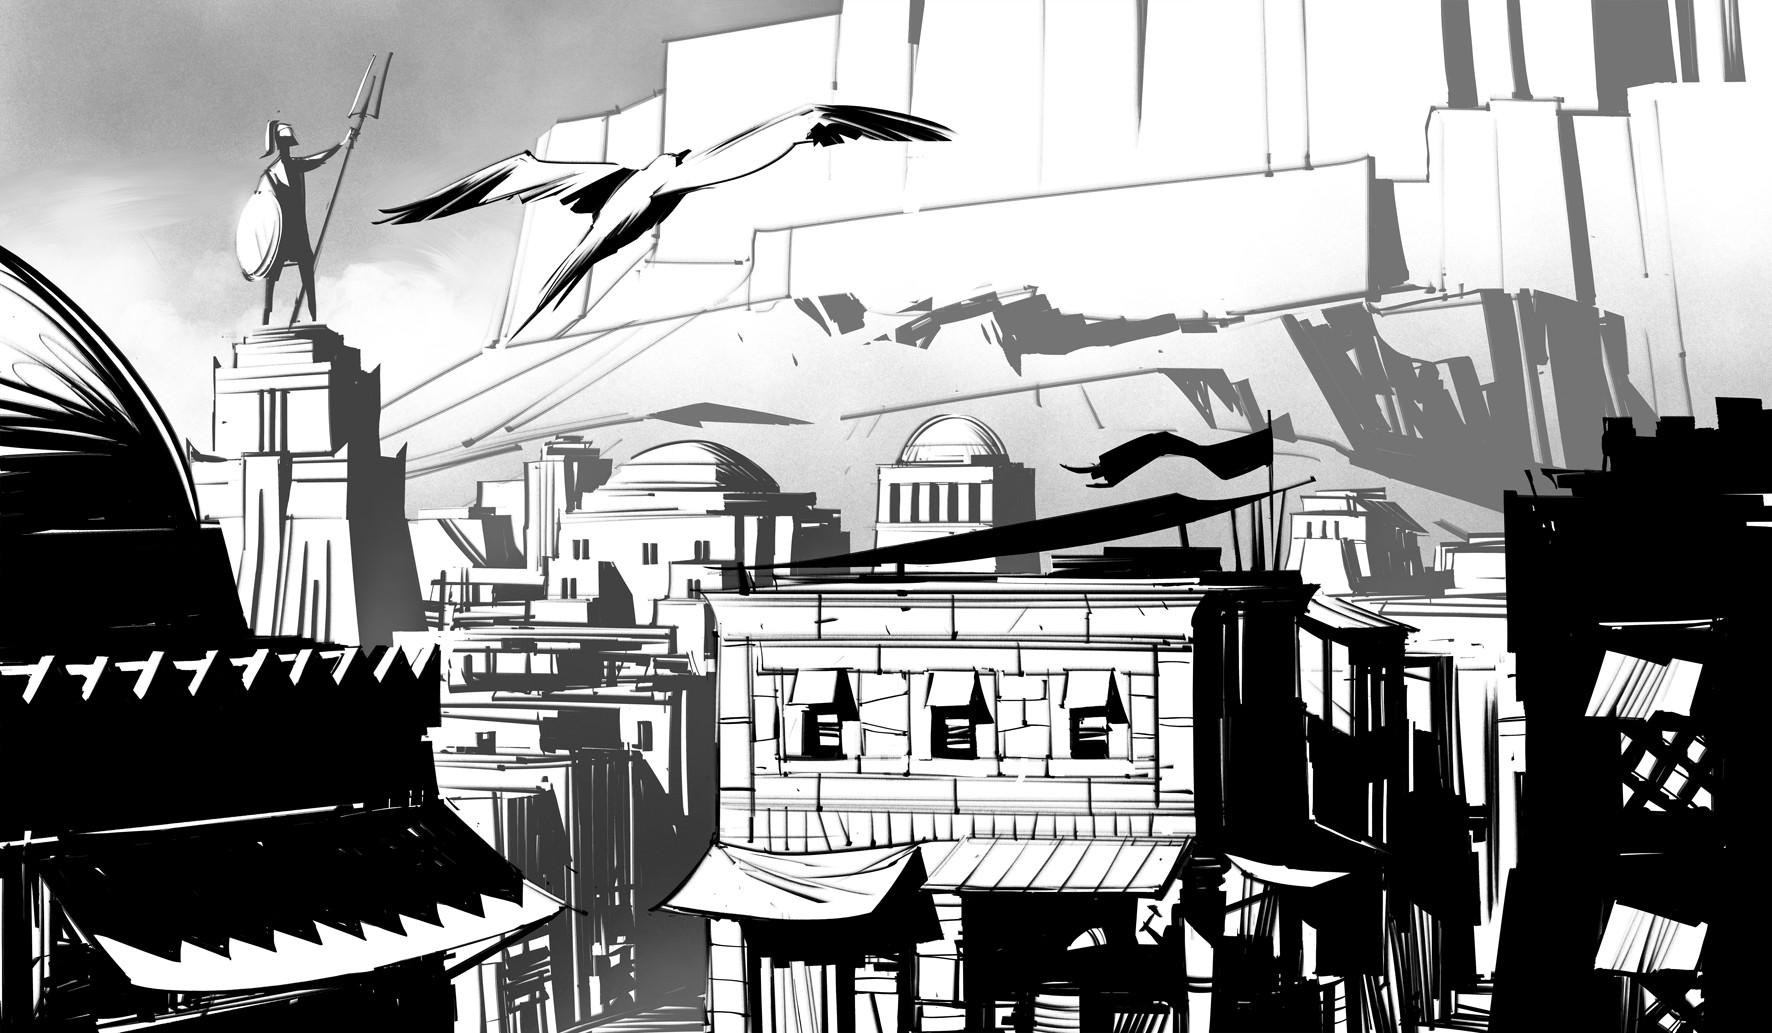 Renaud roche city concept01web